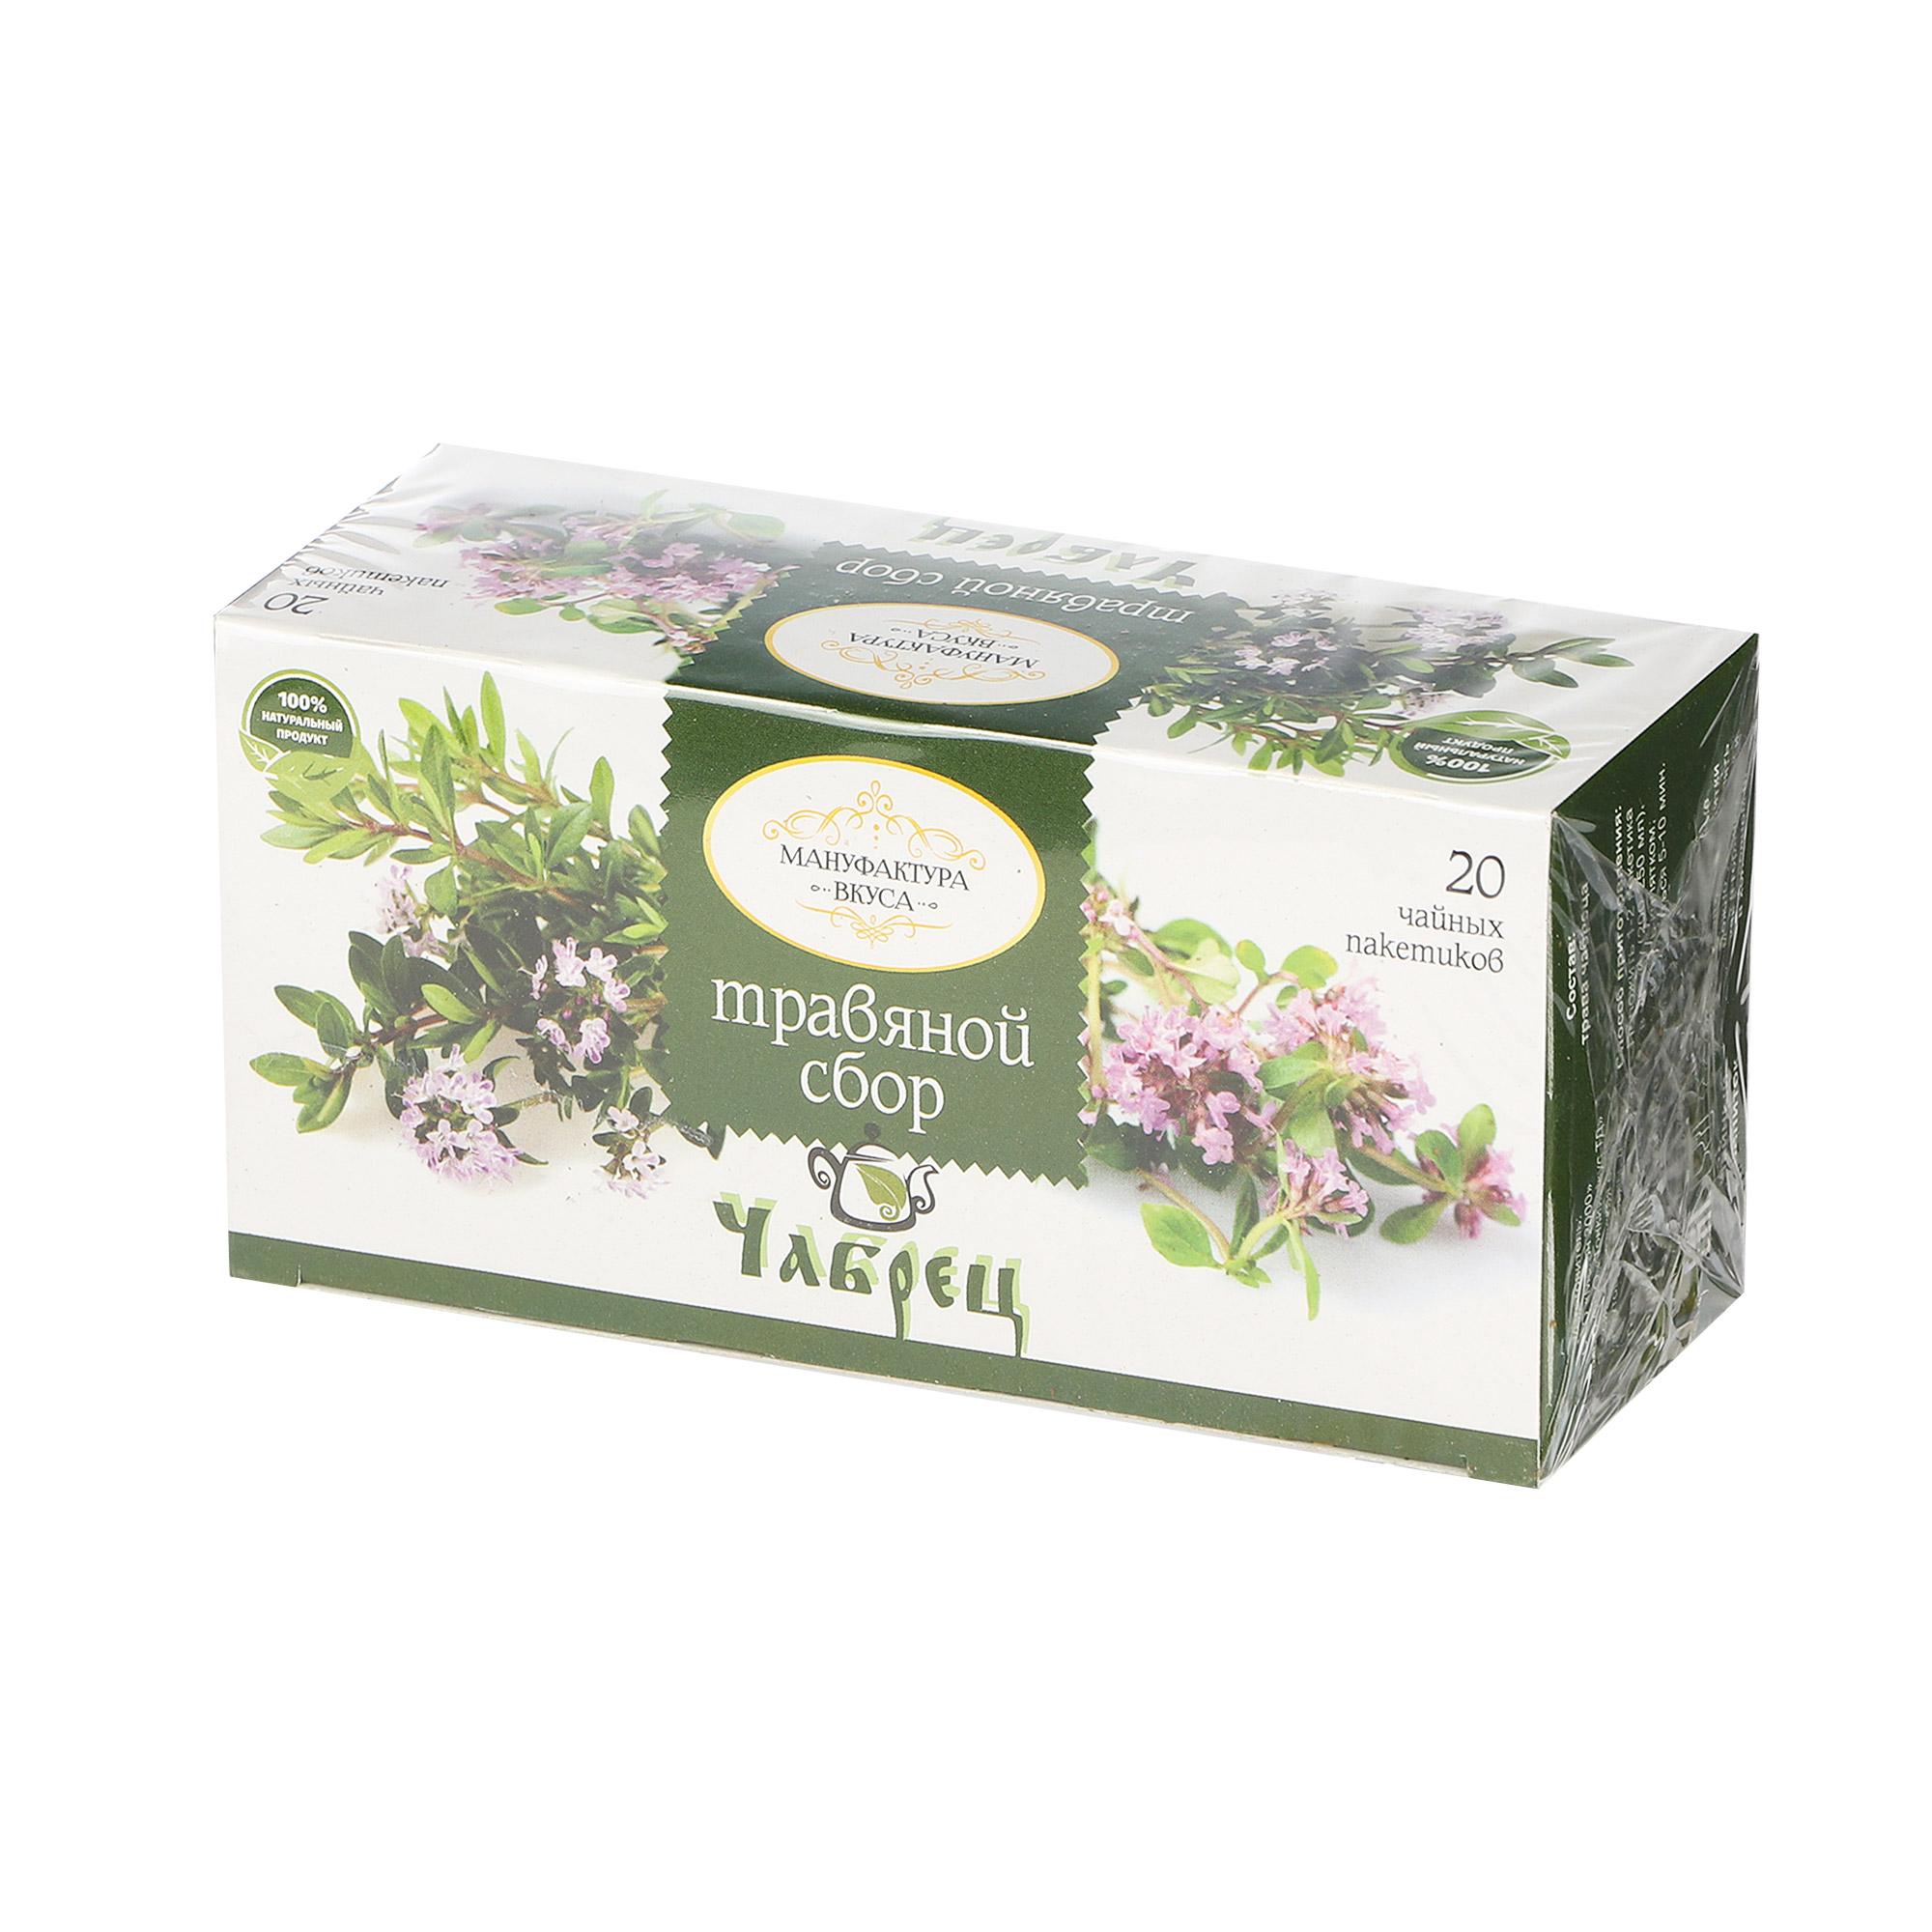 Чайный напиток Мануфактура вкуса Чабрец 20 пакетиков недорого